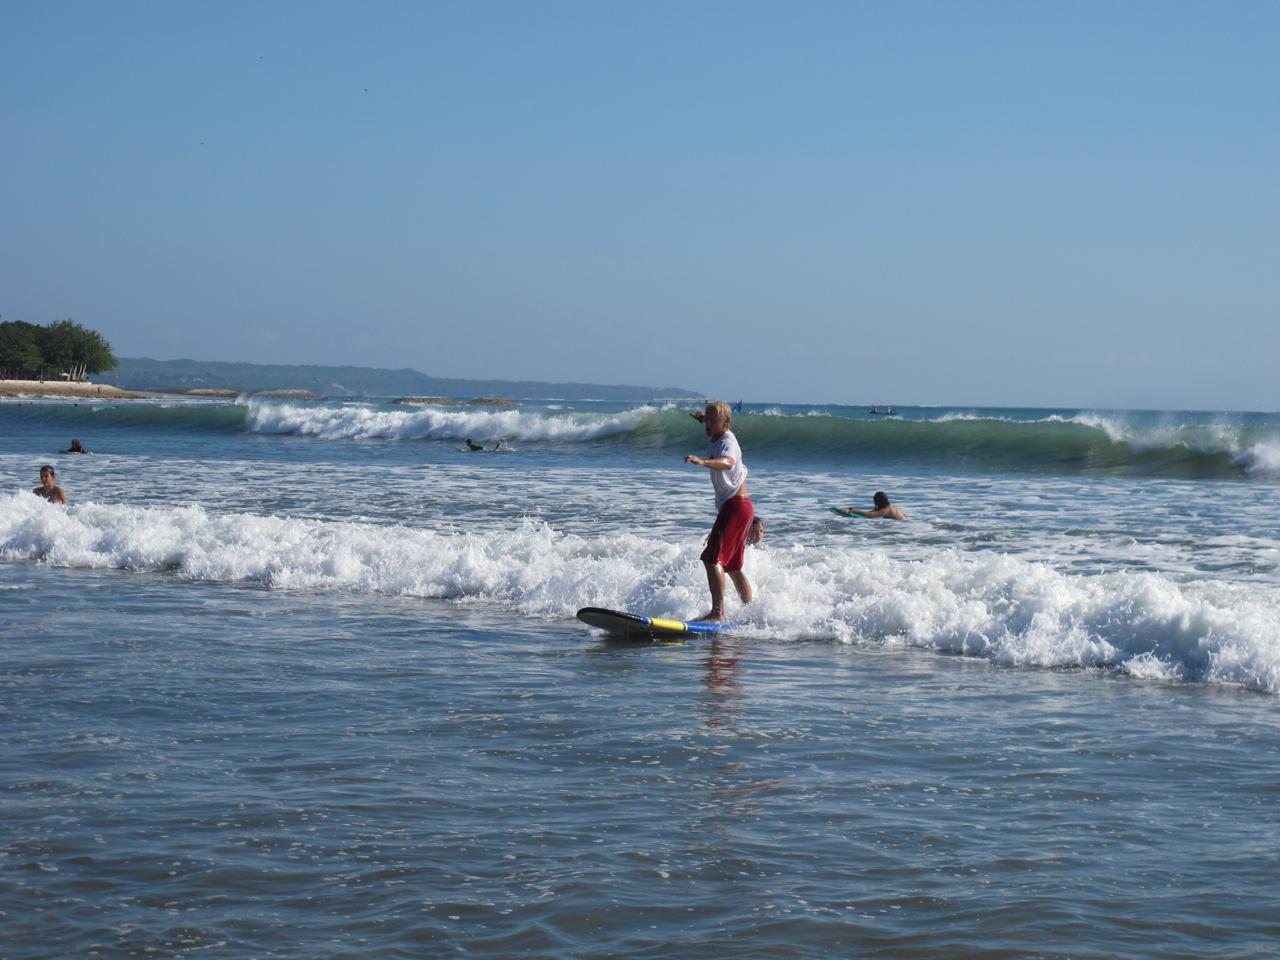 Schaumwellen Surfen - Perfekte Anfängerbedingungen auf Bali